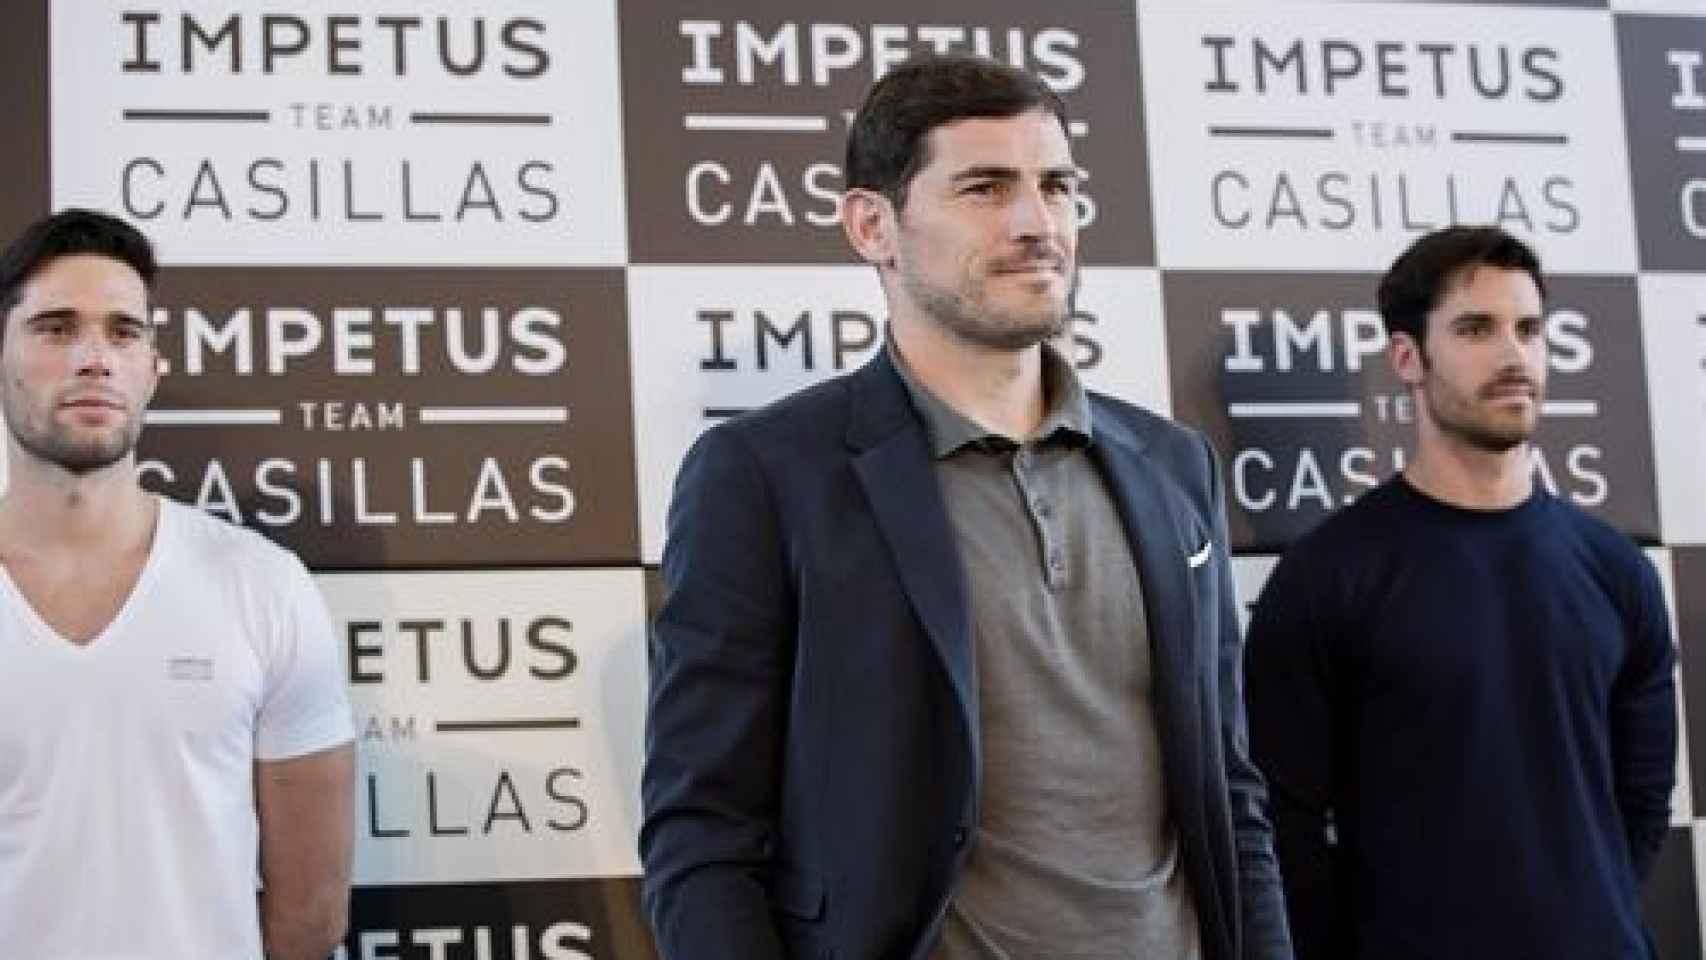 Iker Casillas posa con los modelos que mostraron la colección Impetus Team Casillas